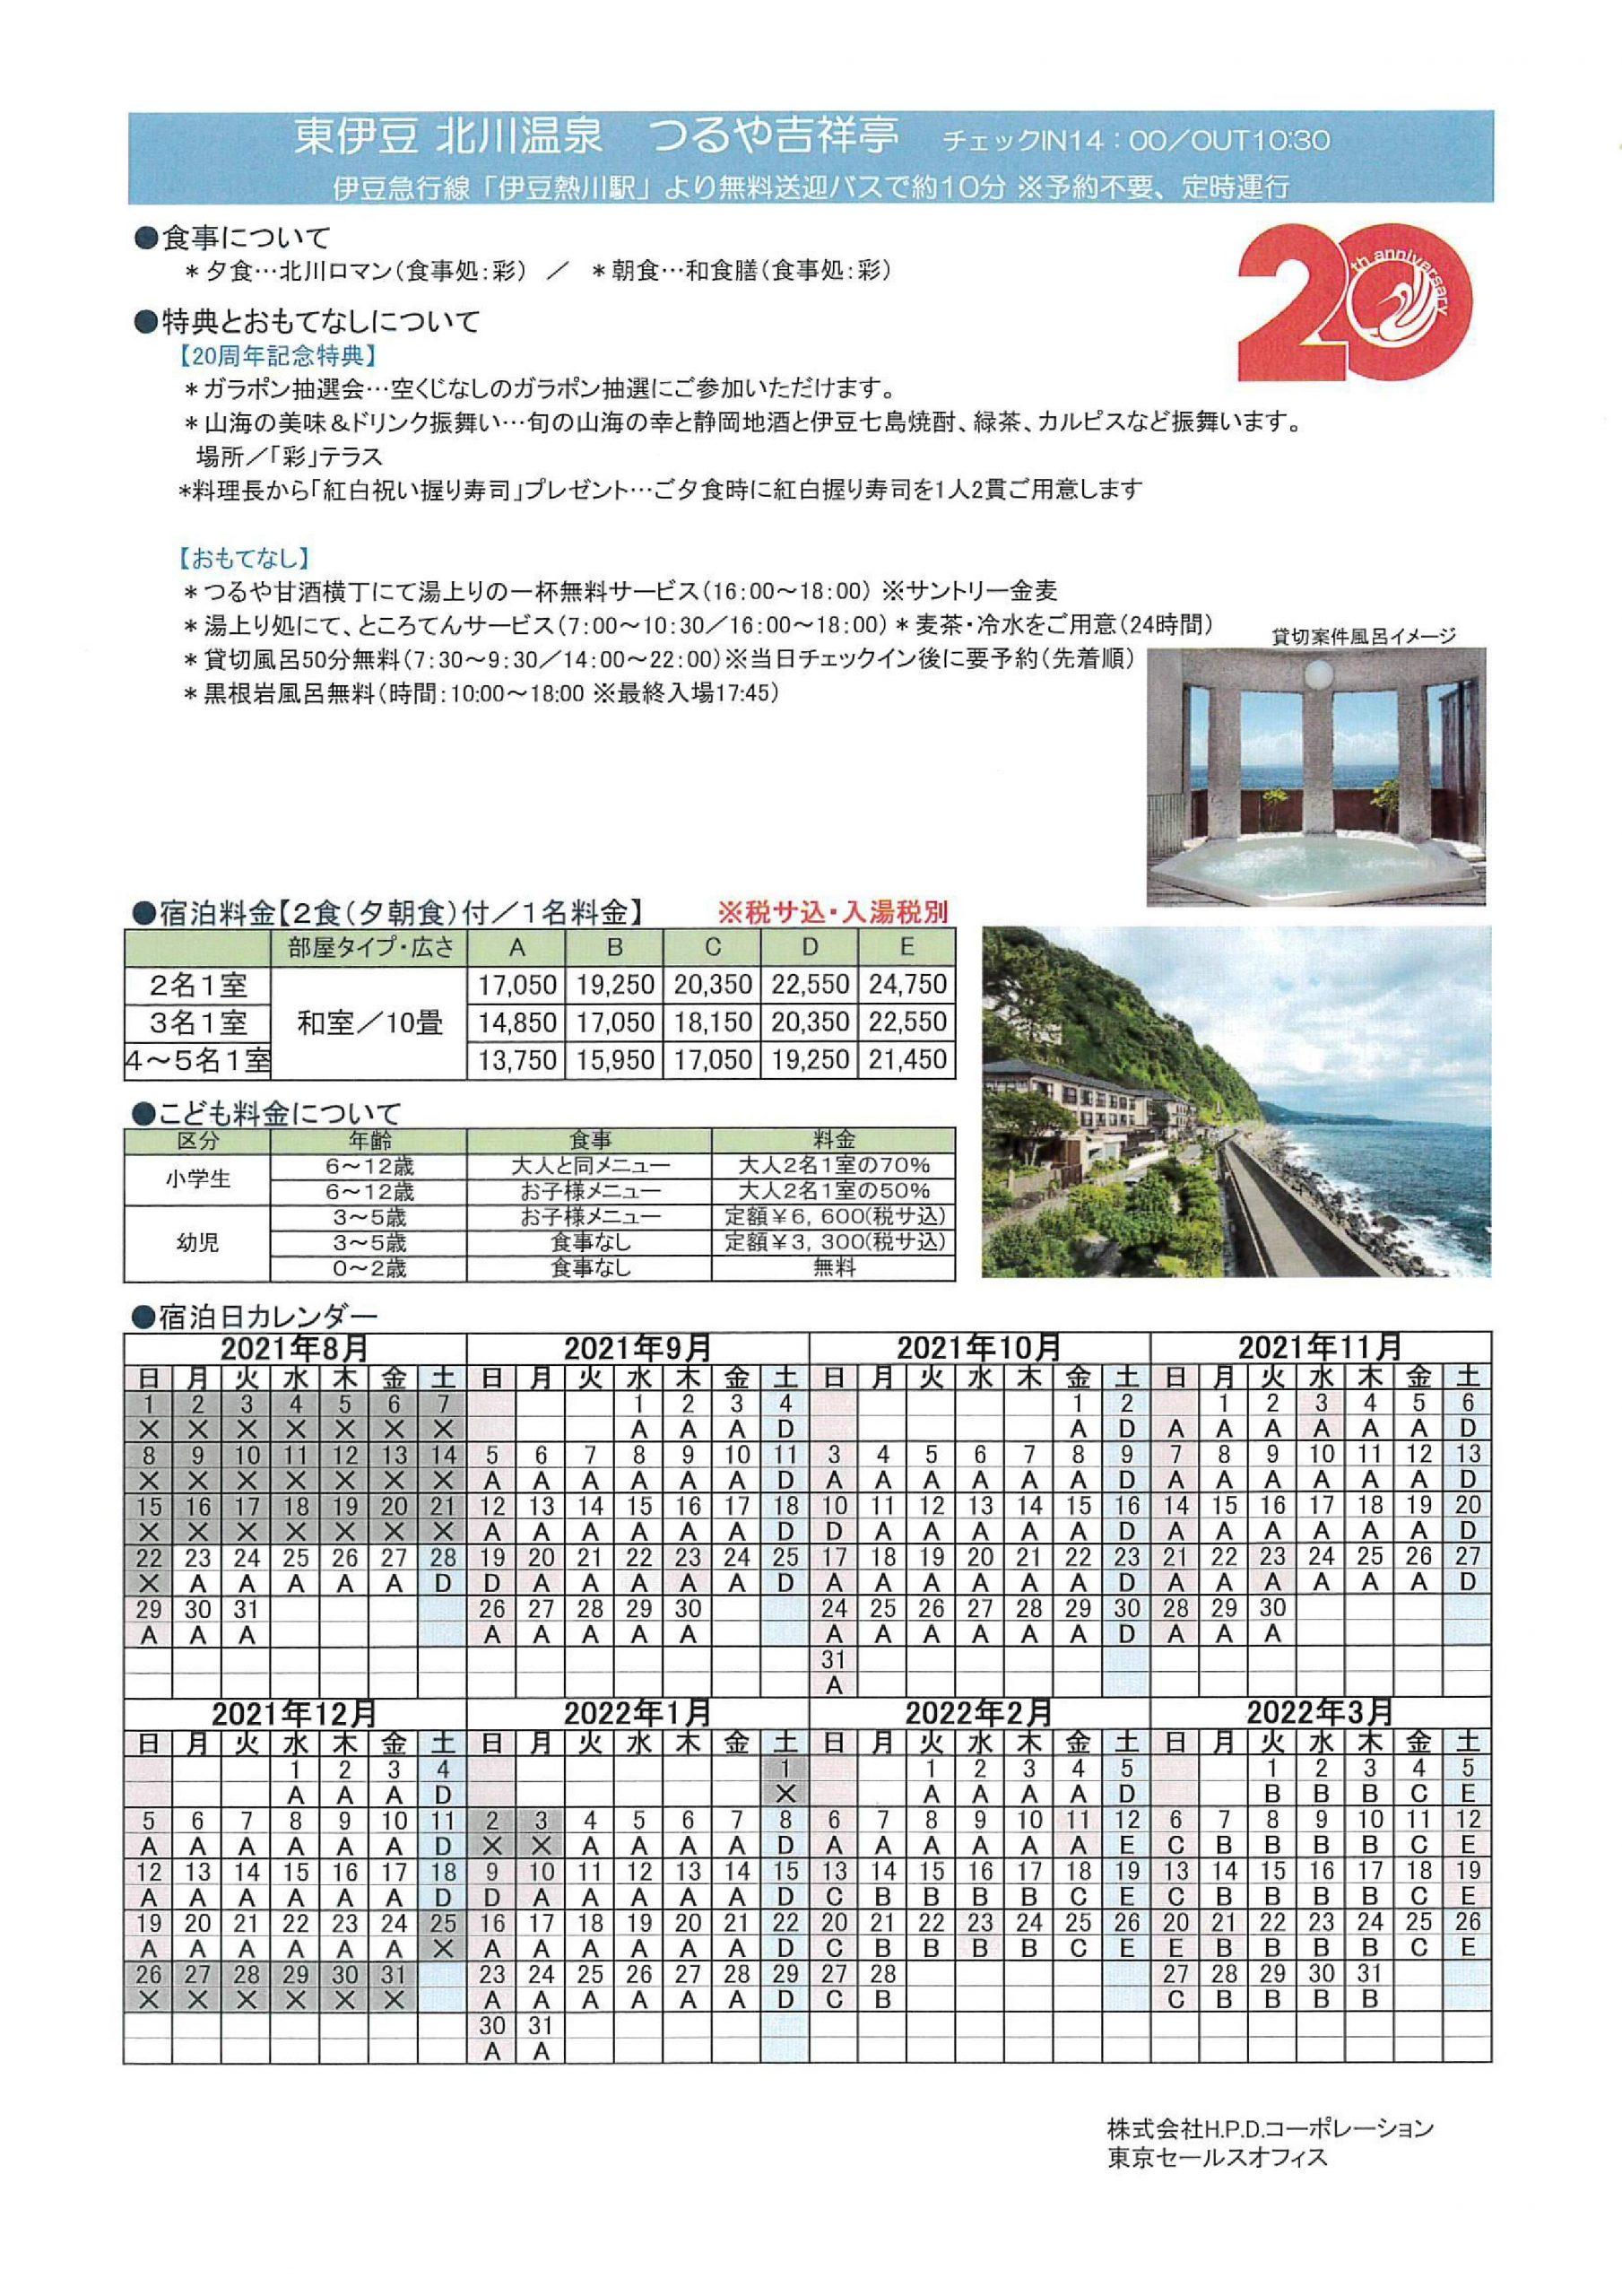 ファミリー・カップルにお勧めの宿⑤(静岡県北川温泉・つるや吉祥亭)